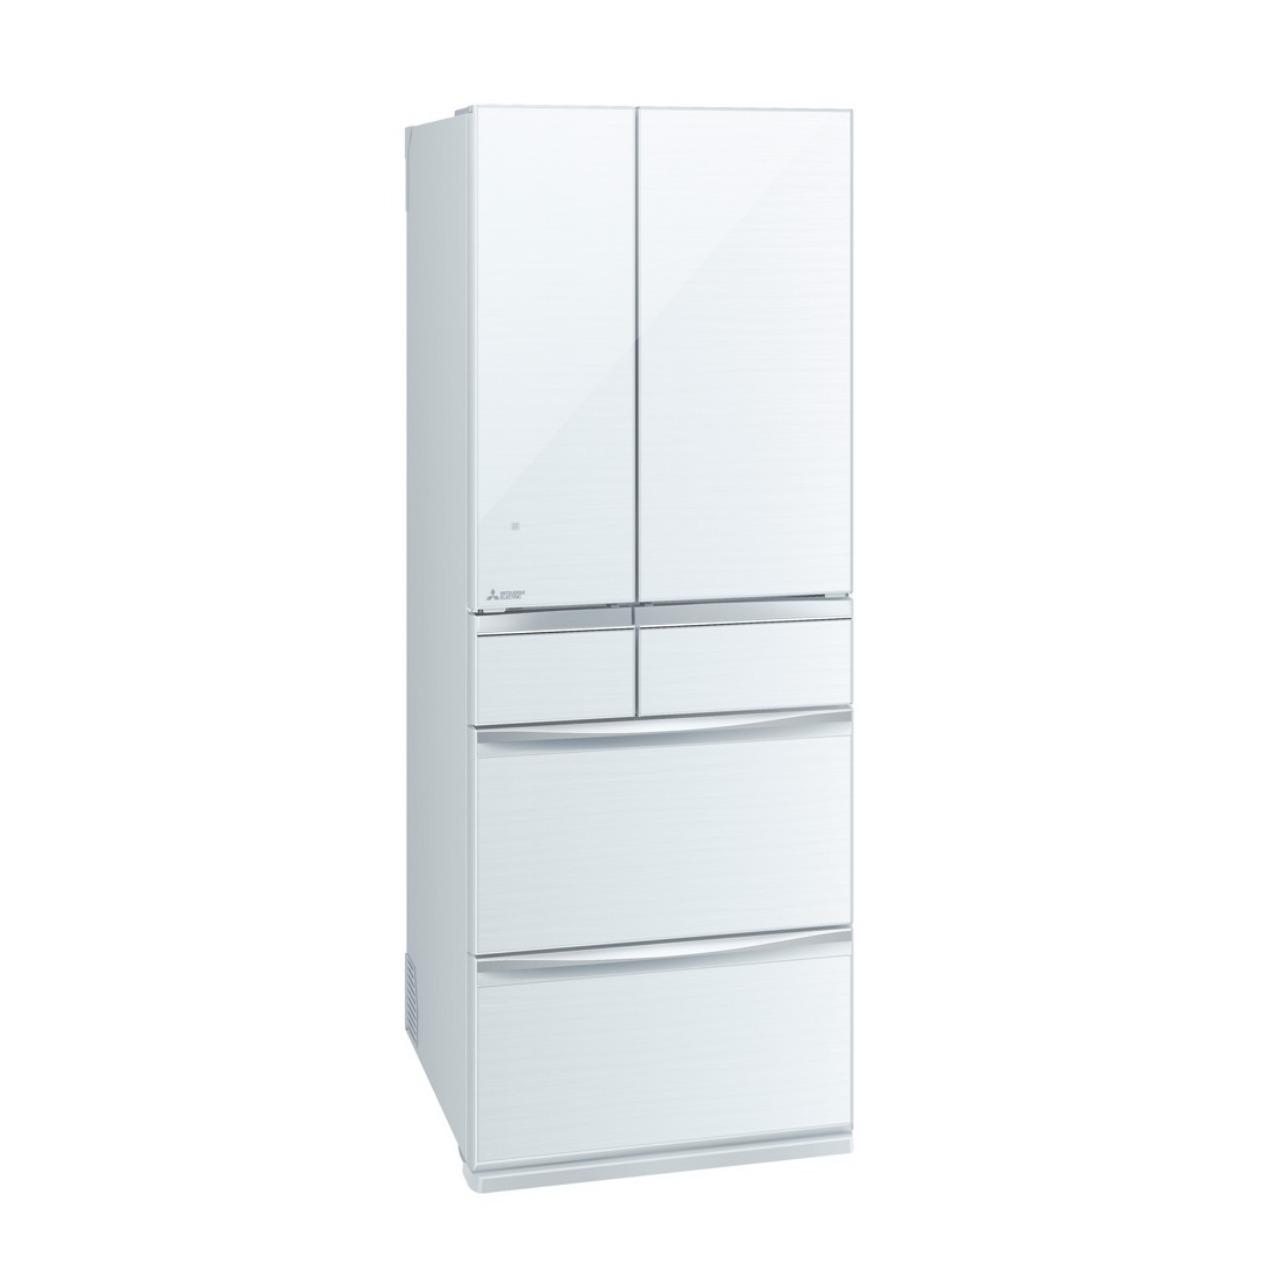 三菱MR-MX57D冷蔵庫